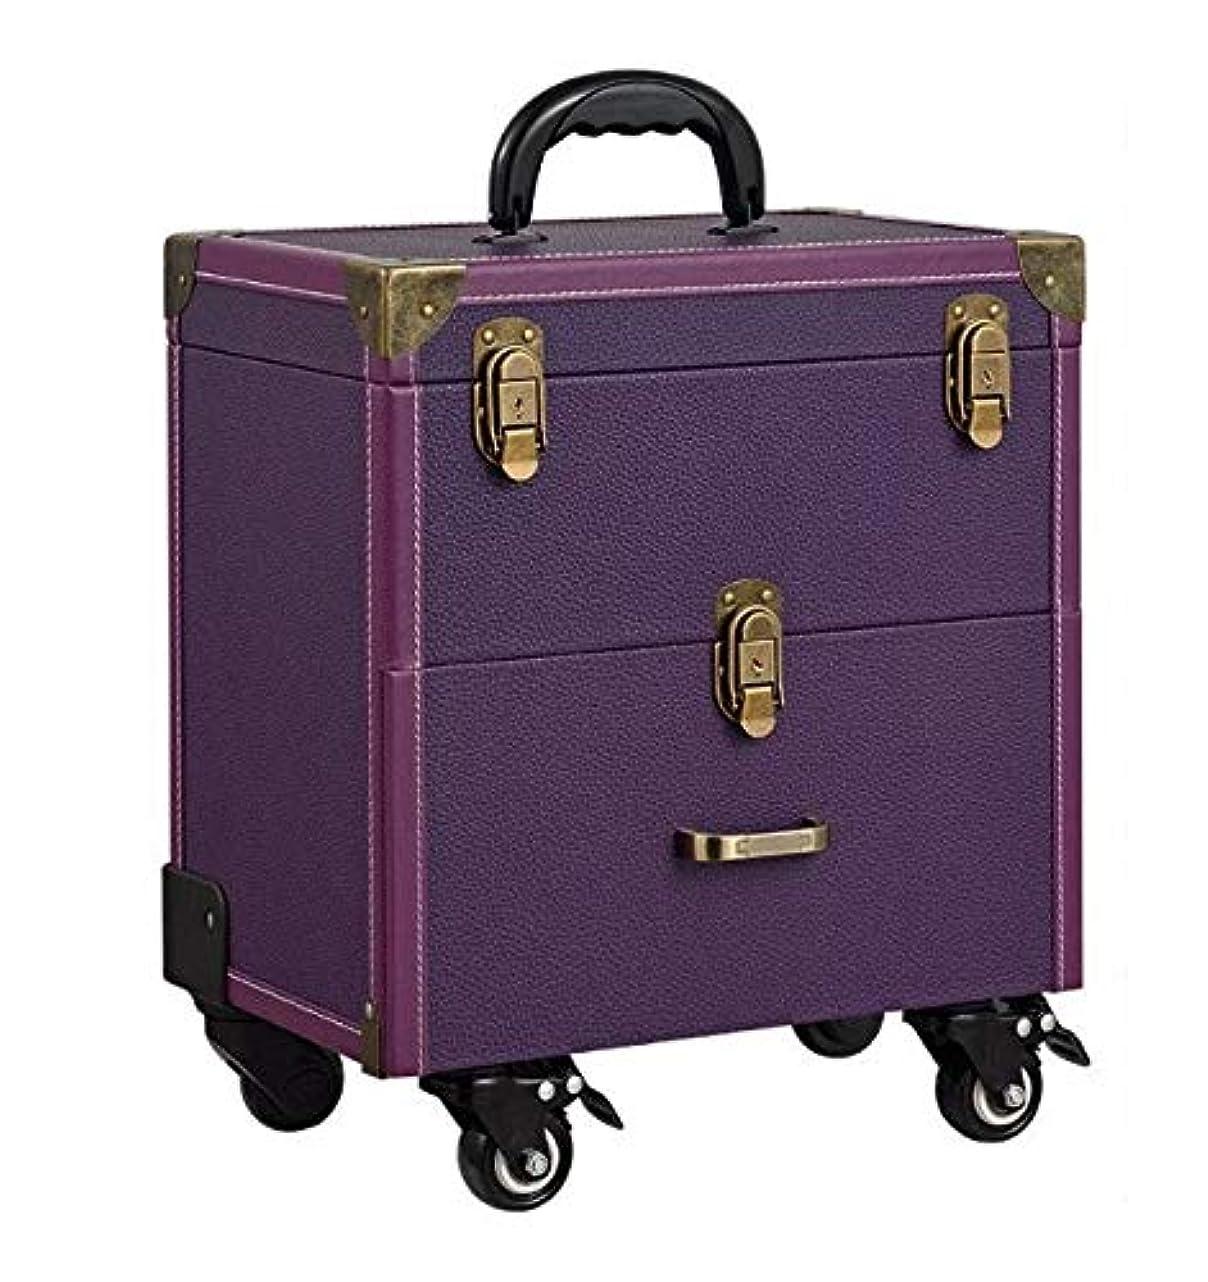 オーブン散髪自動化化粧箱、大容量二層トロリー化粧品ケース、ポータブル旅行化粧品バッグ収納袋、美容化粧ネイルジュエリー収納ボックス (Color : Purple)